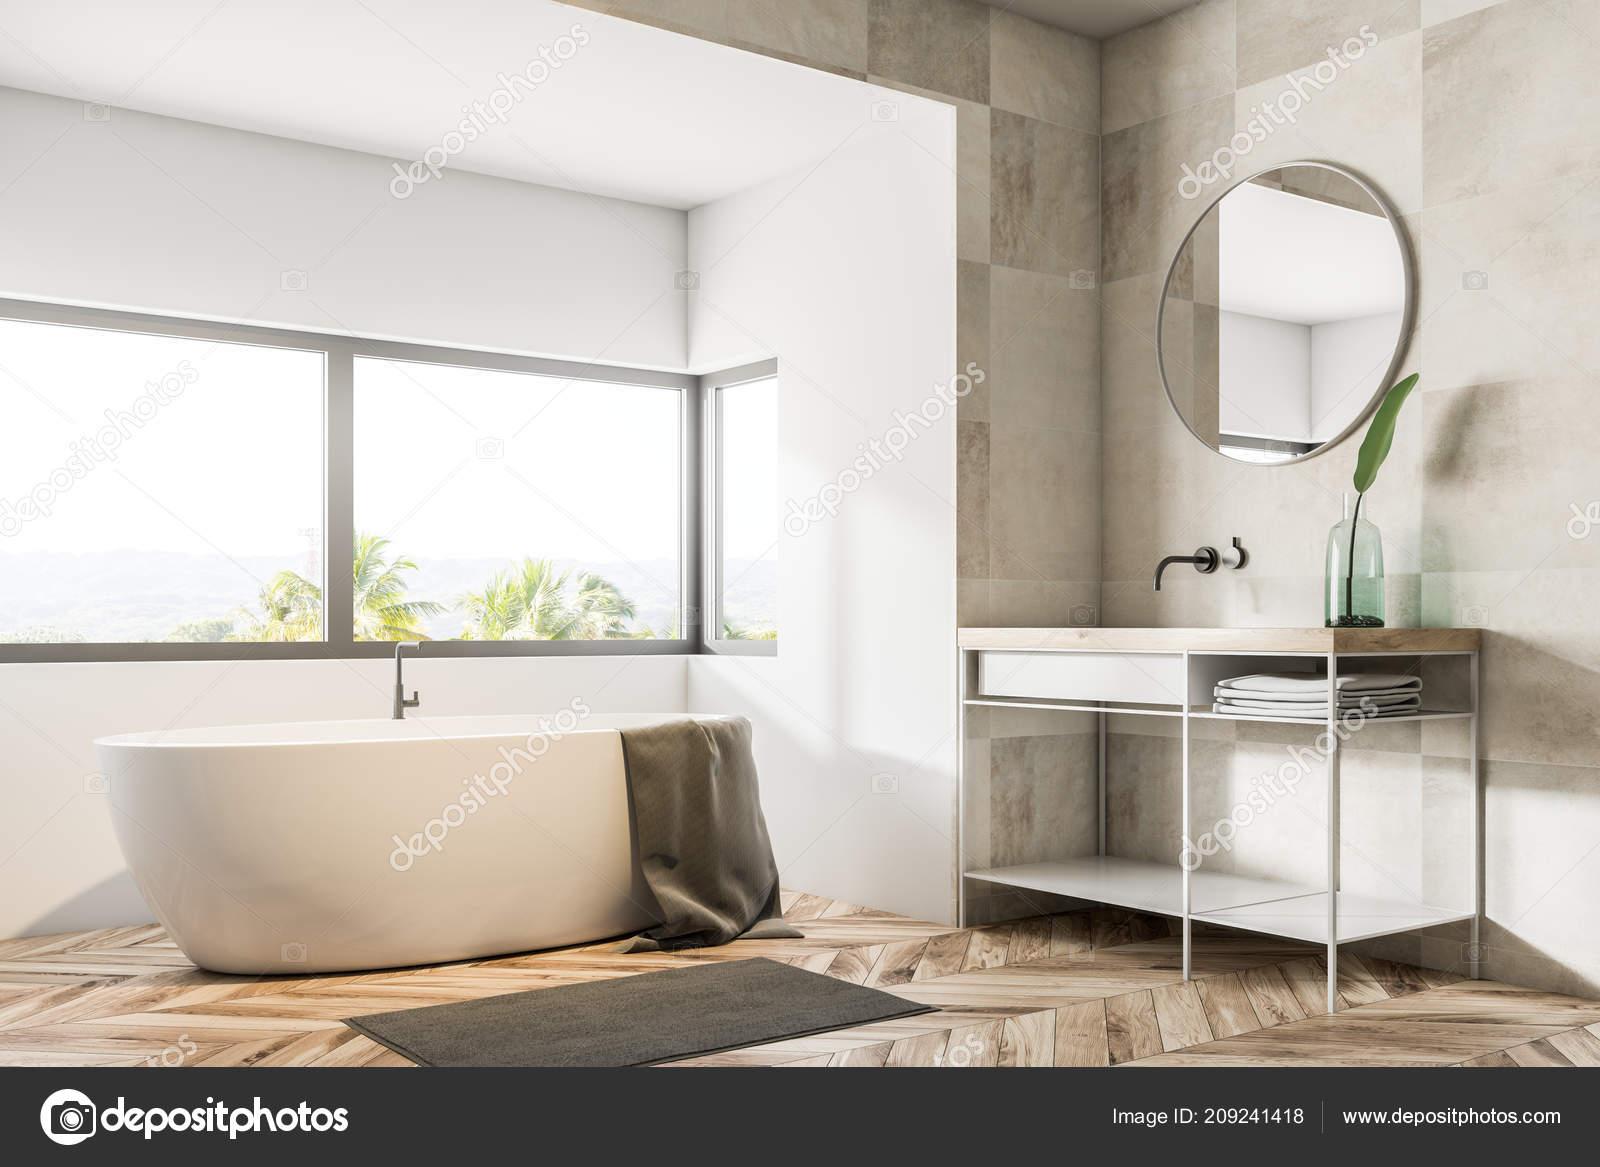 Holzfußboden Im Bad ~ Bad ecke mit beige fliesen wände holzfußboden eine badewanne unter